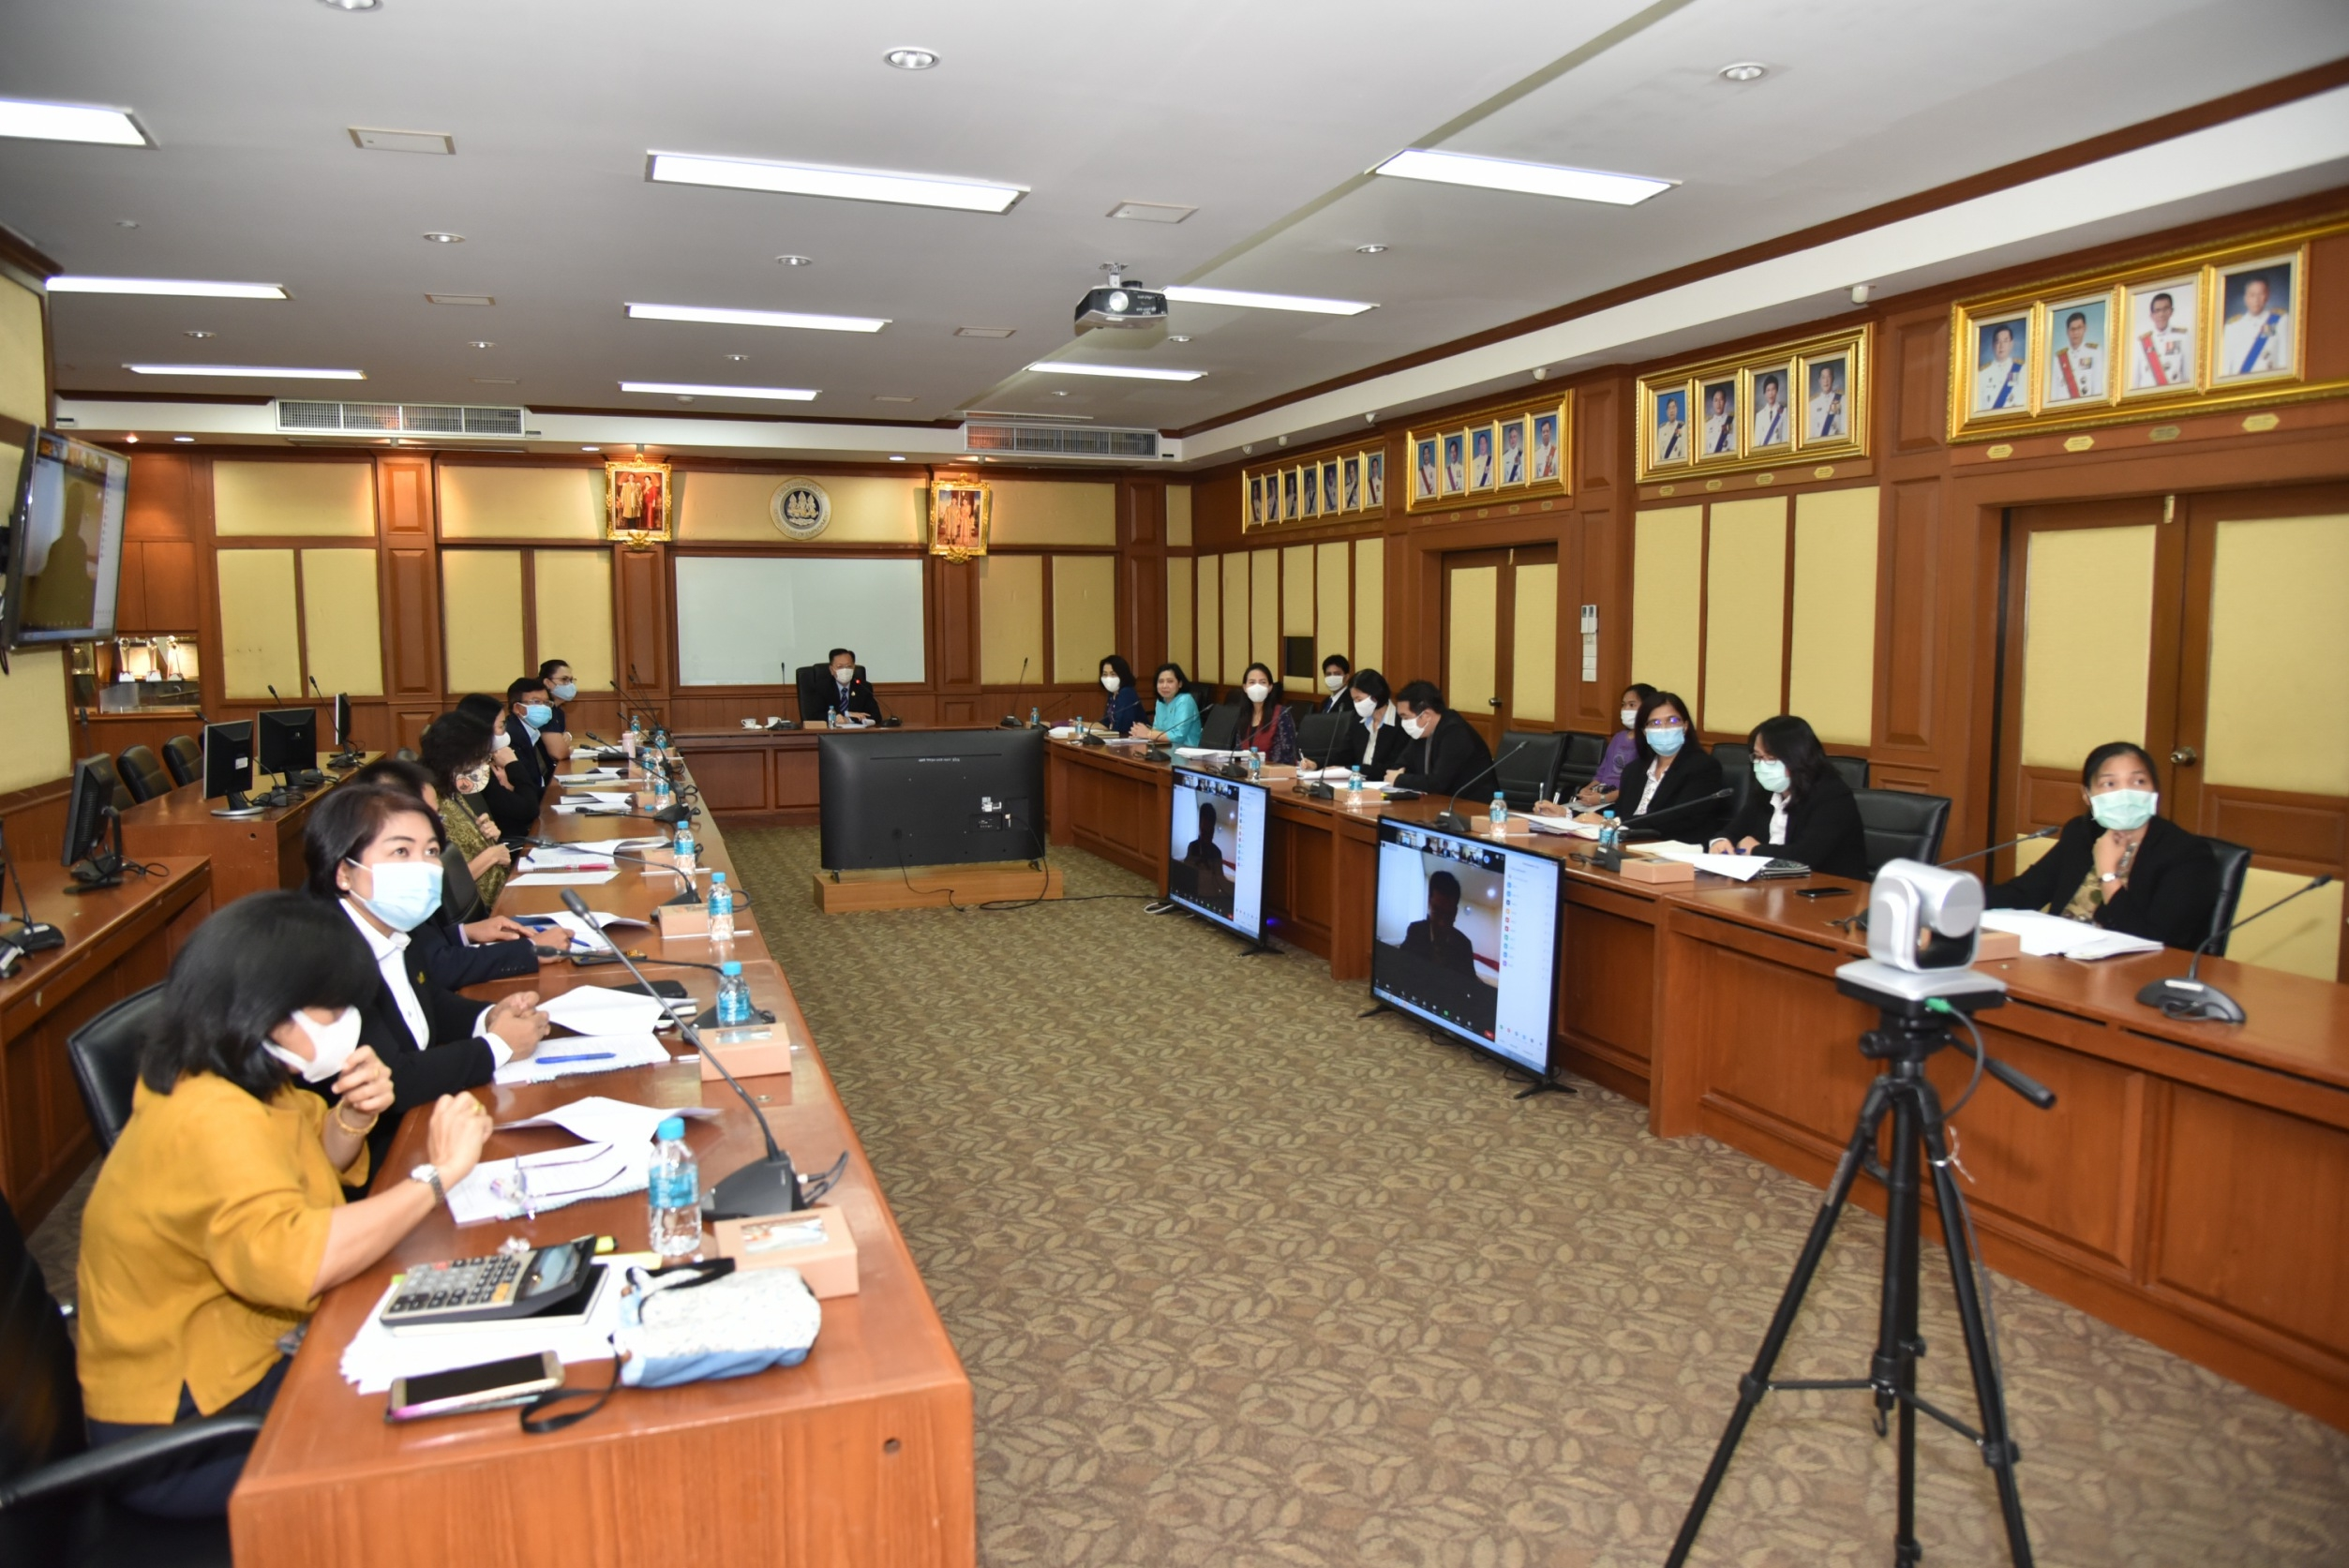 กรมการจัดหางาน  จัดประชุมคณะกรรมการกลั่นกรองการประเมินผลการปฏิบัติราชการฯ